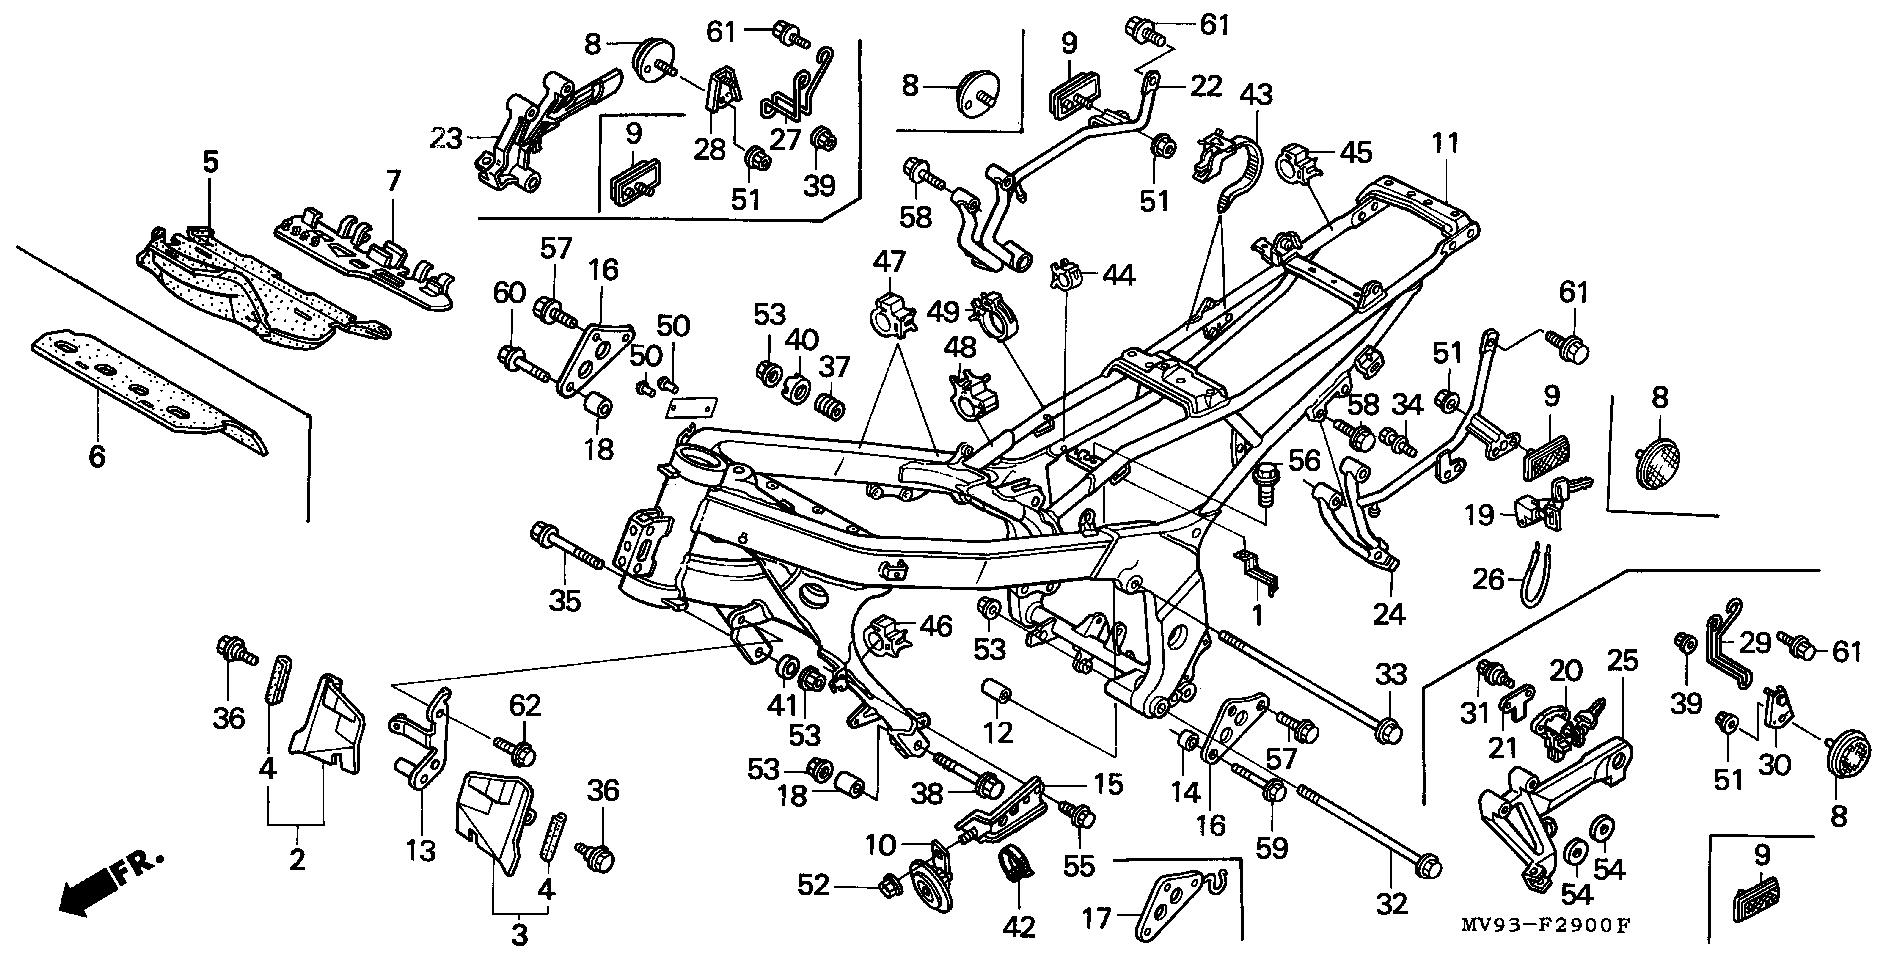 Soporte estribera trasero izquierdo Honda Cbr 600 1991-1996